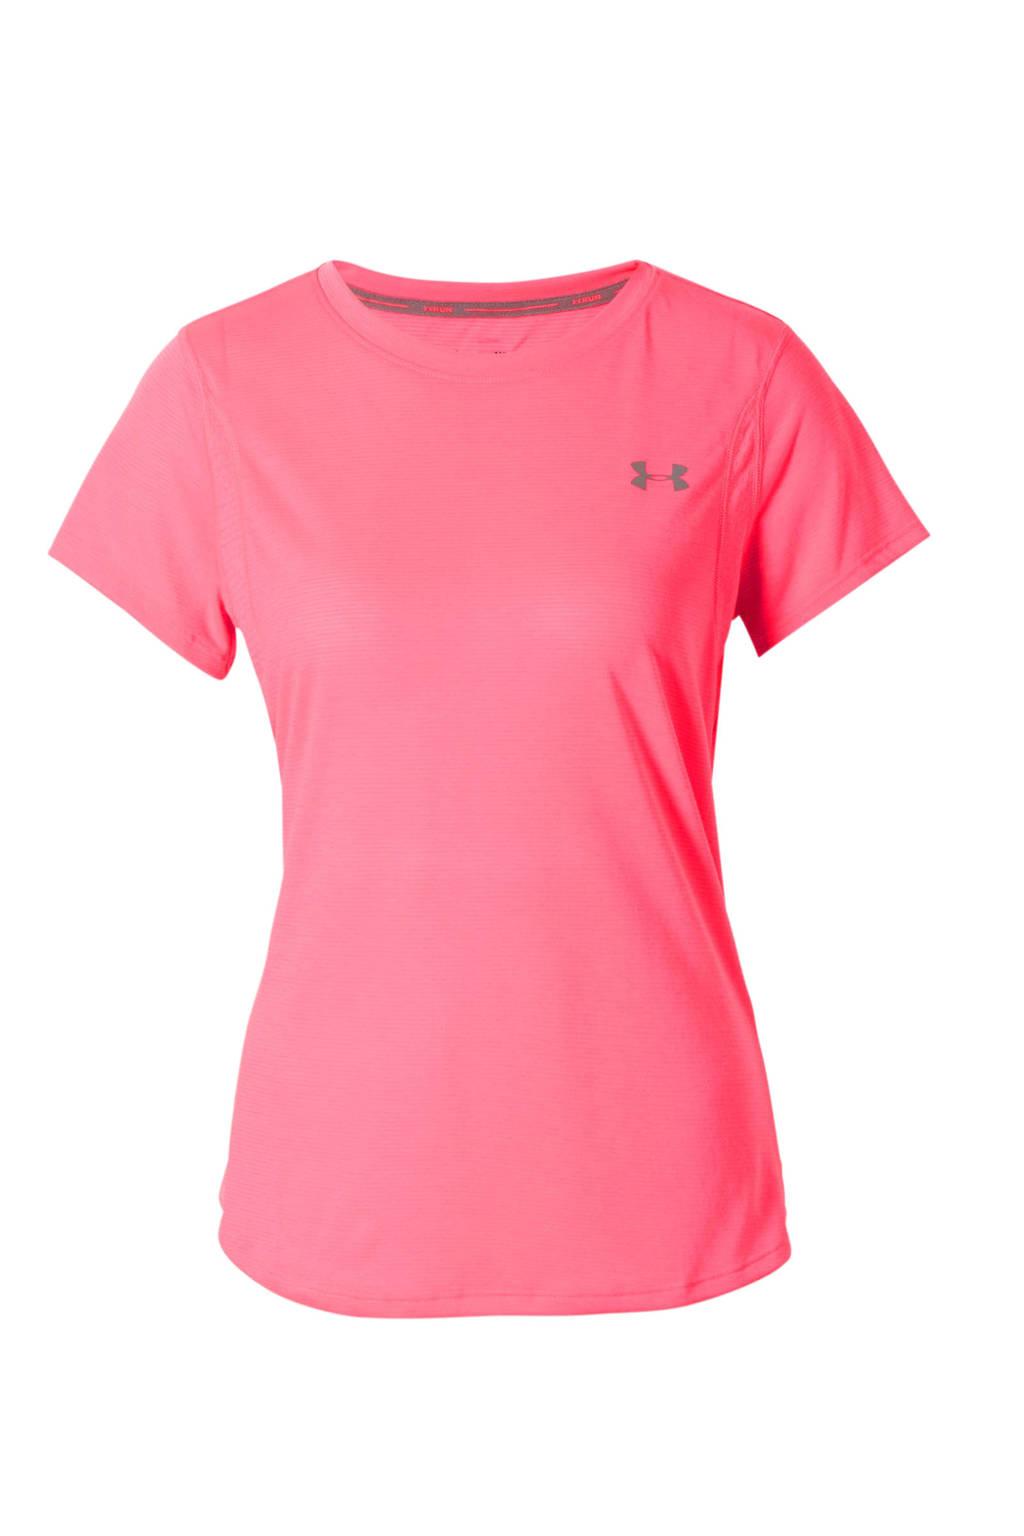 Under Armour hardloopshirt roze, Roze